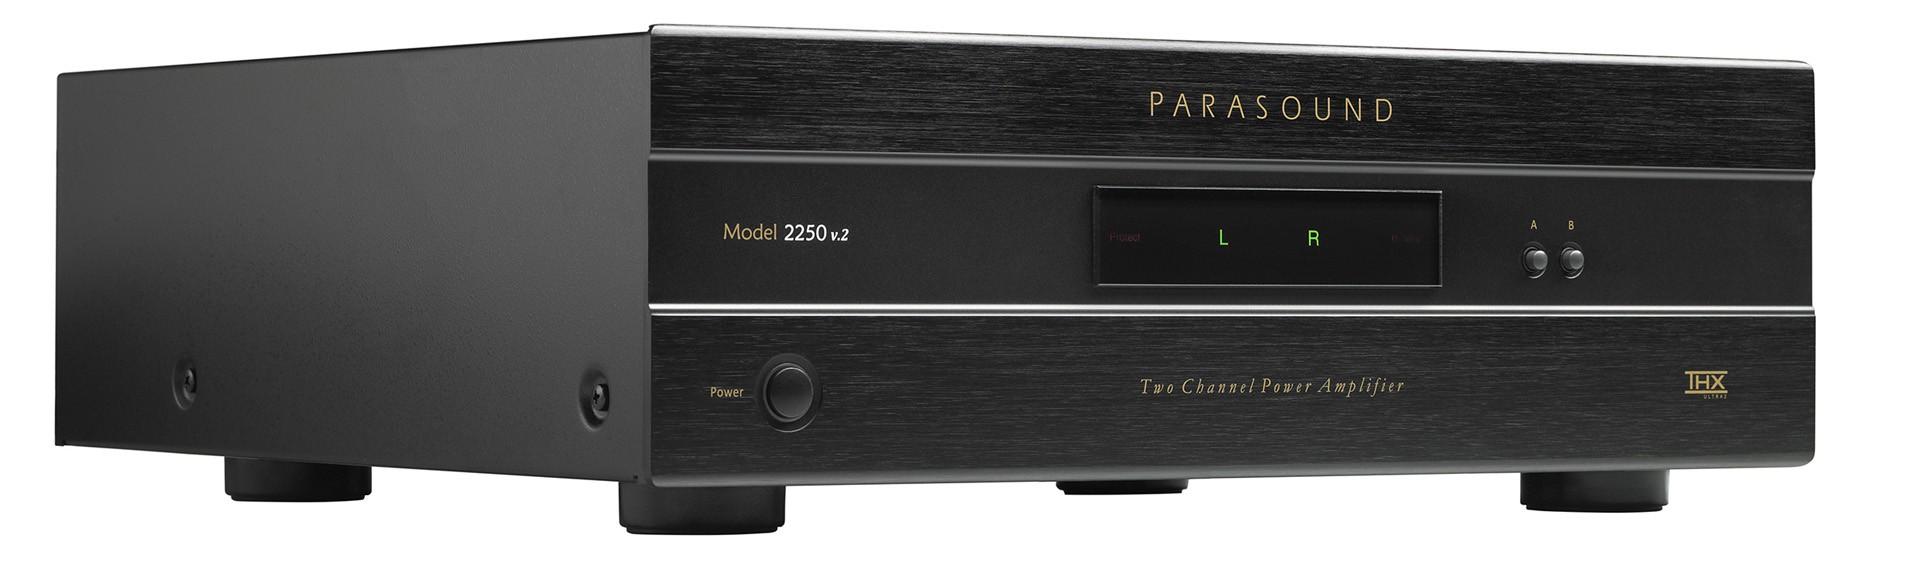 Parasound 2250 v.2 2Ch 250Watts RMS Amplificador